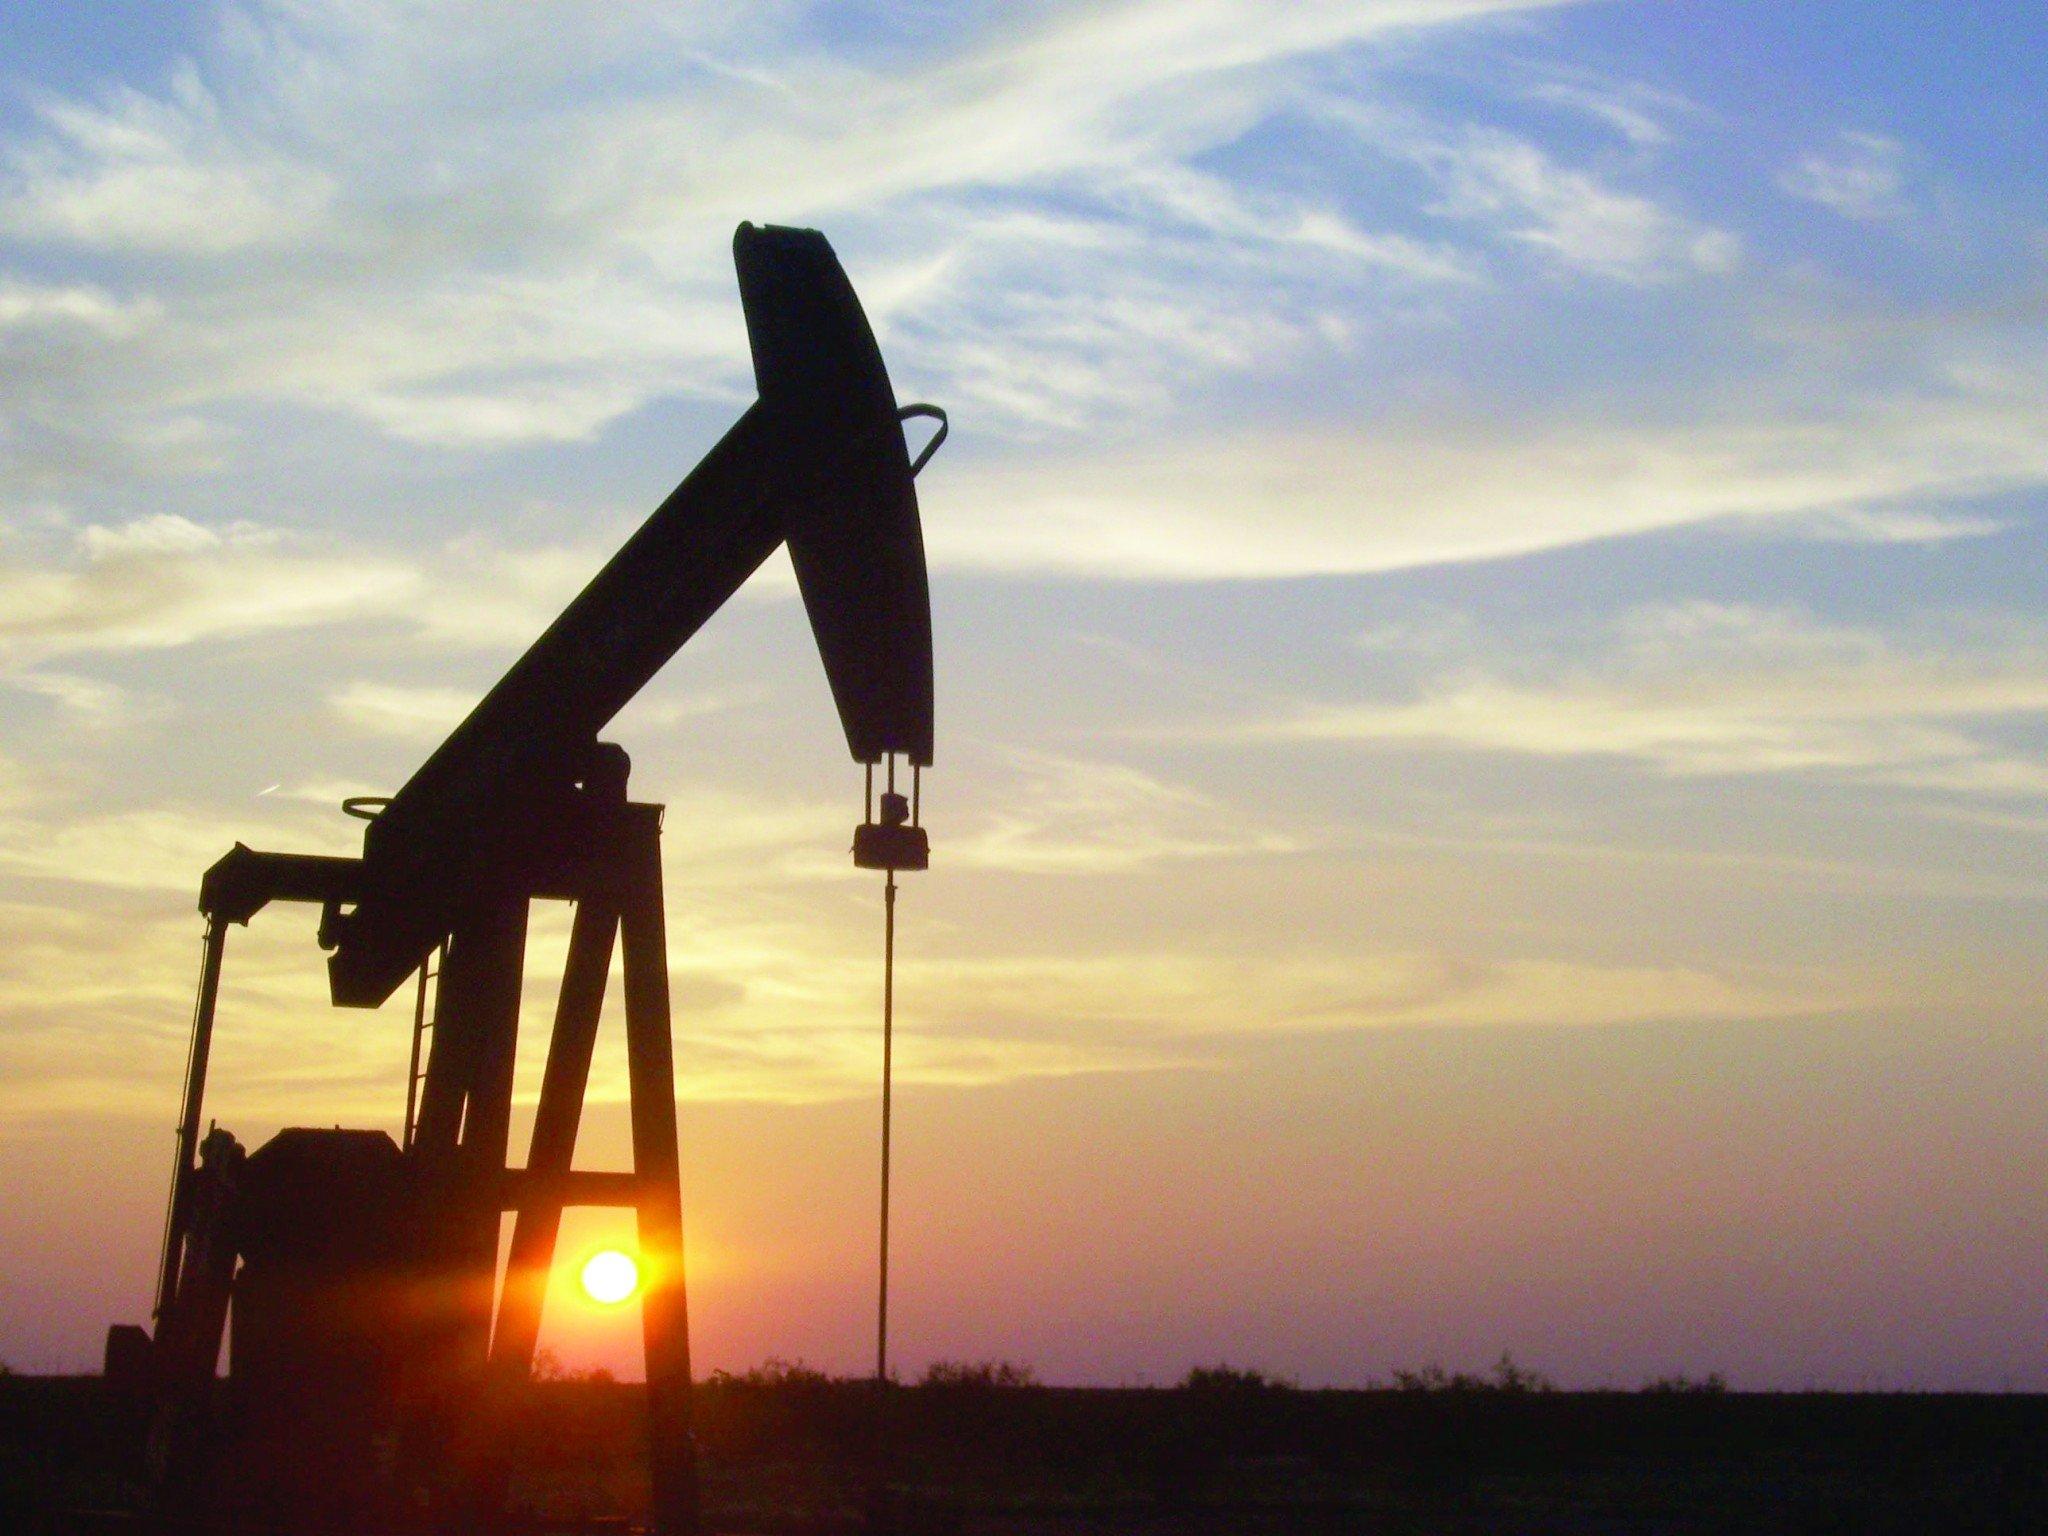 La OPEP debate en Viena su estrategia de recorte de producción. No todos están de acuerdo